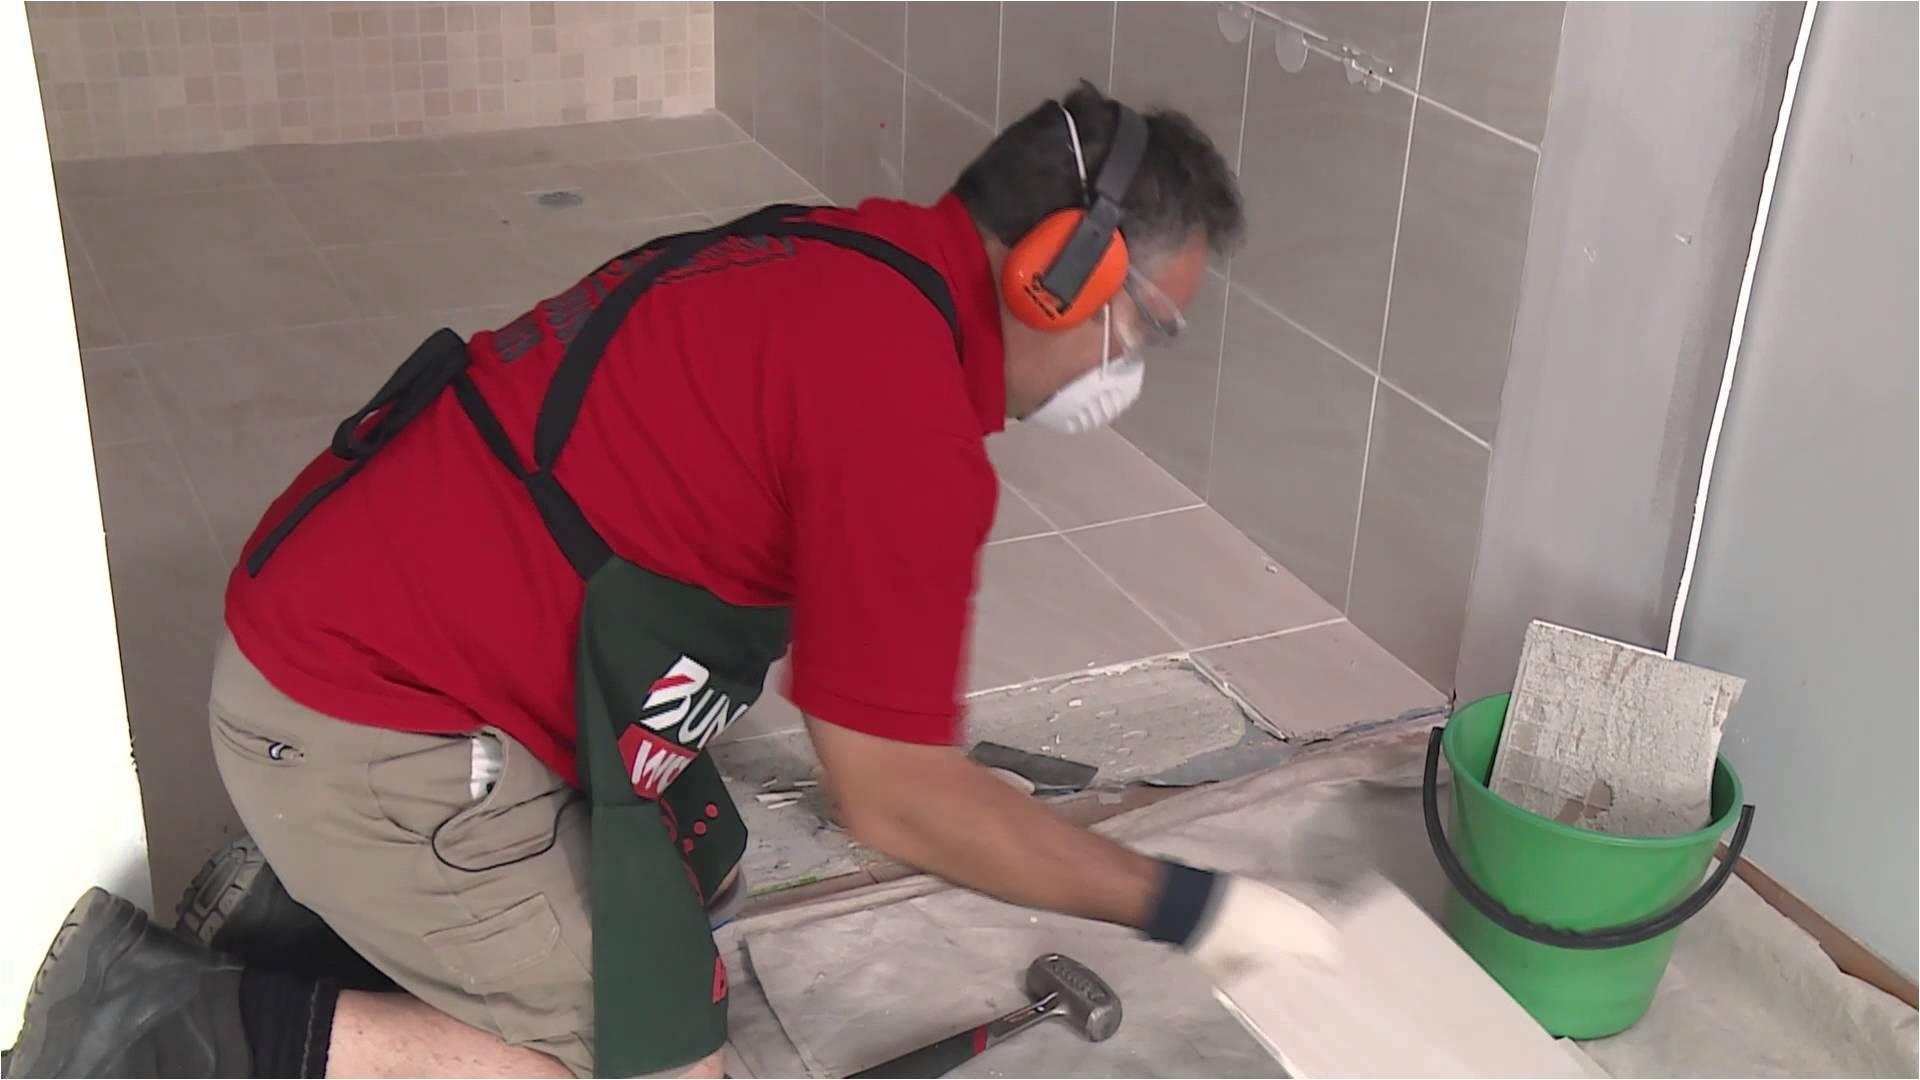 Bunnings Floor Scraper How to Remove Floor Tiles Diy at Bunnings Youtube